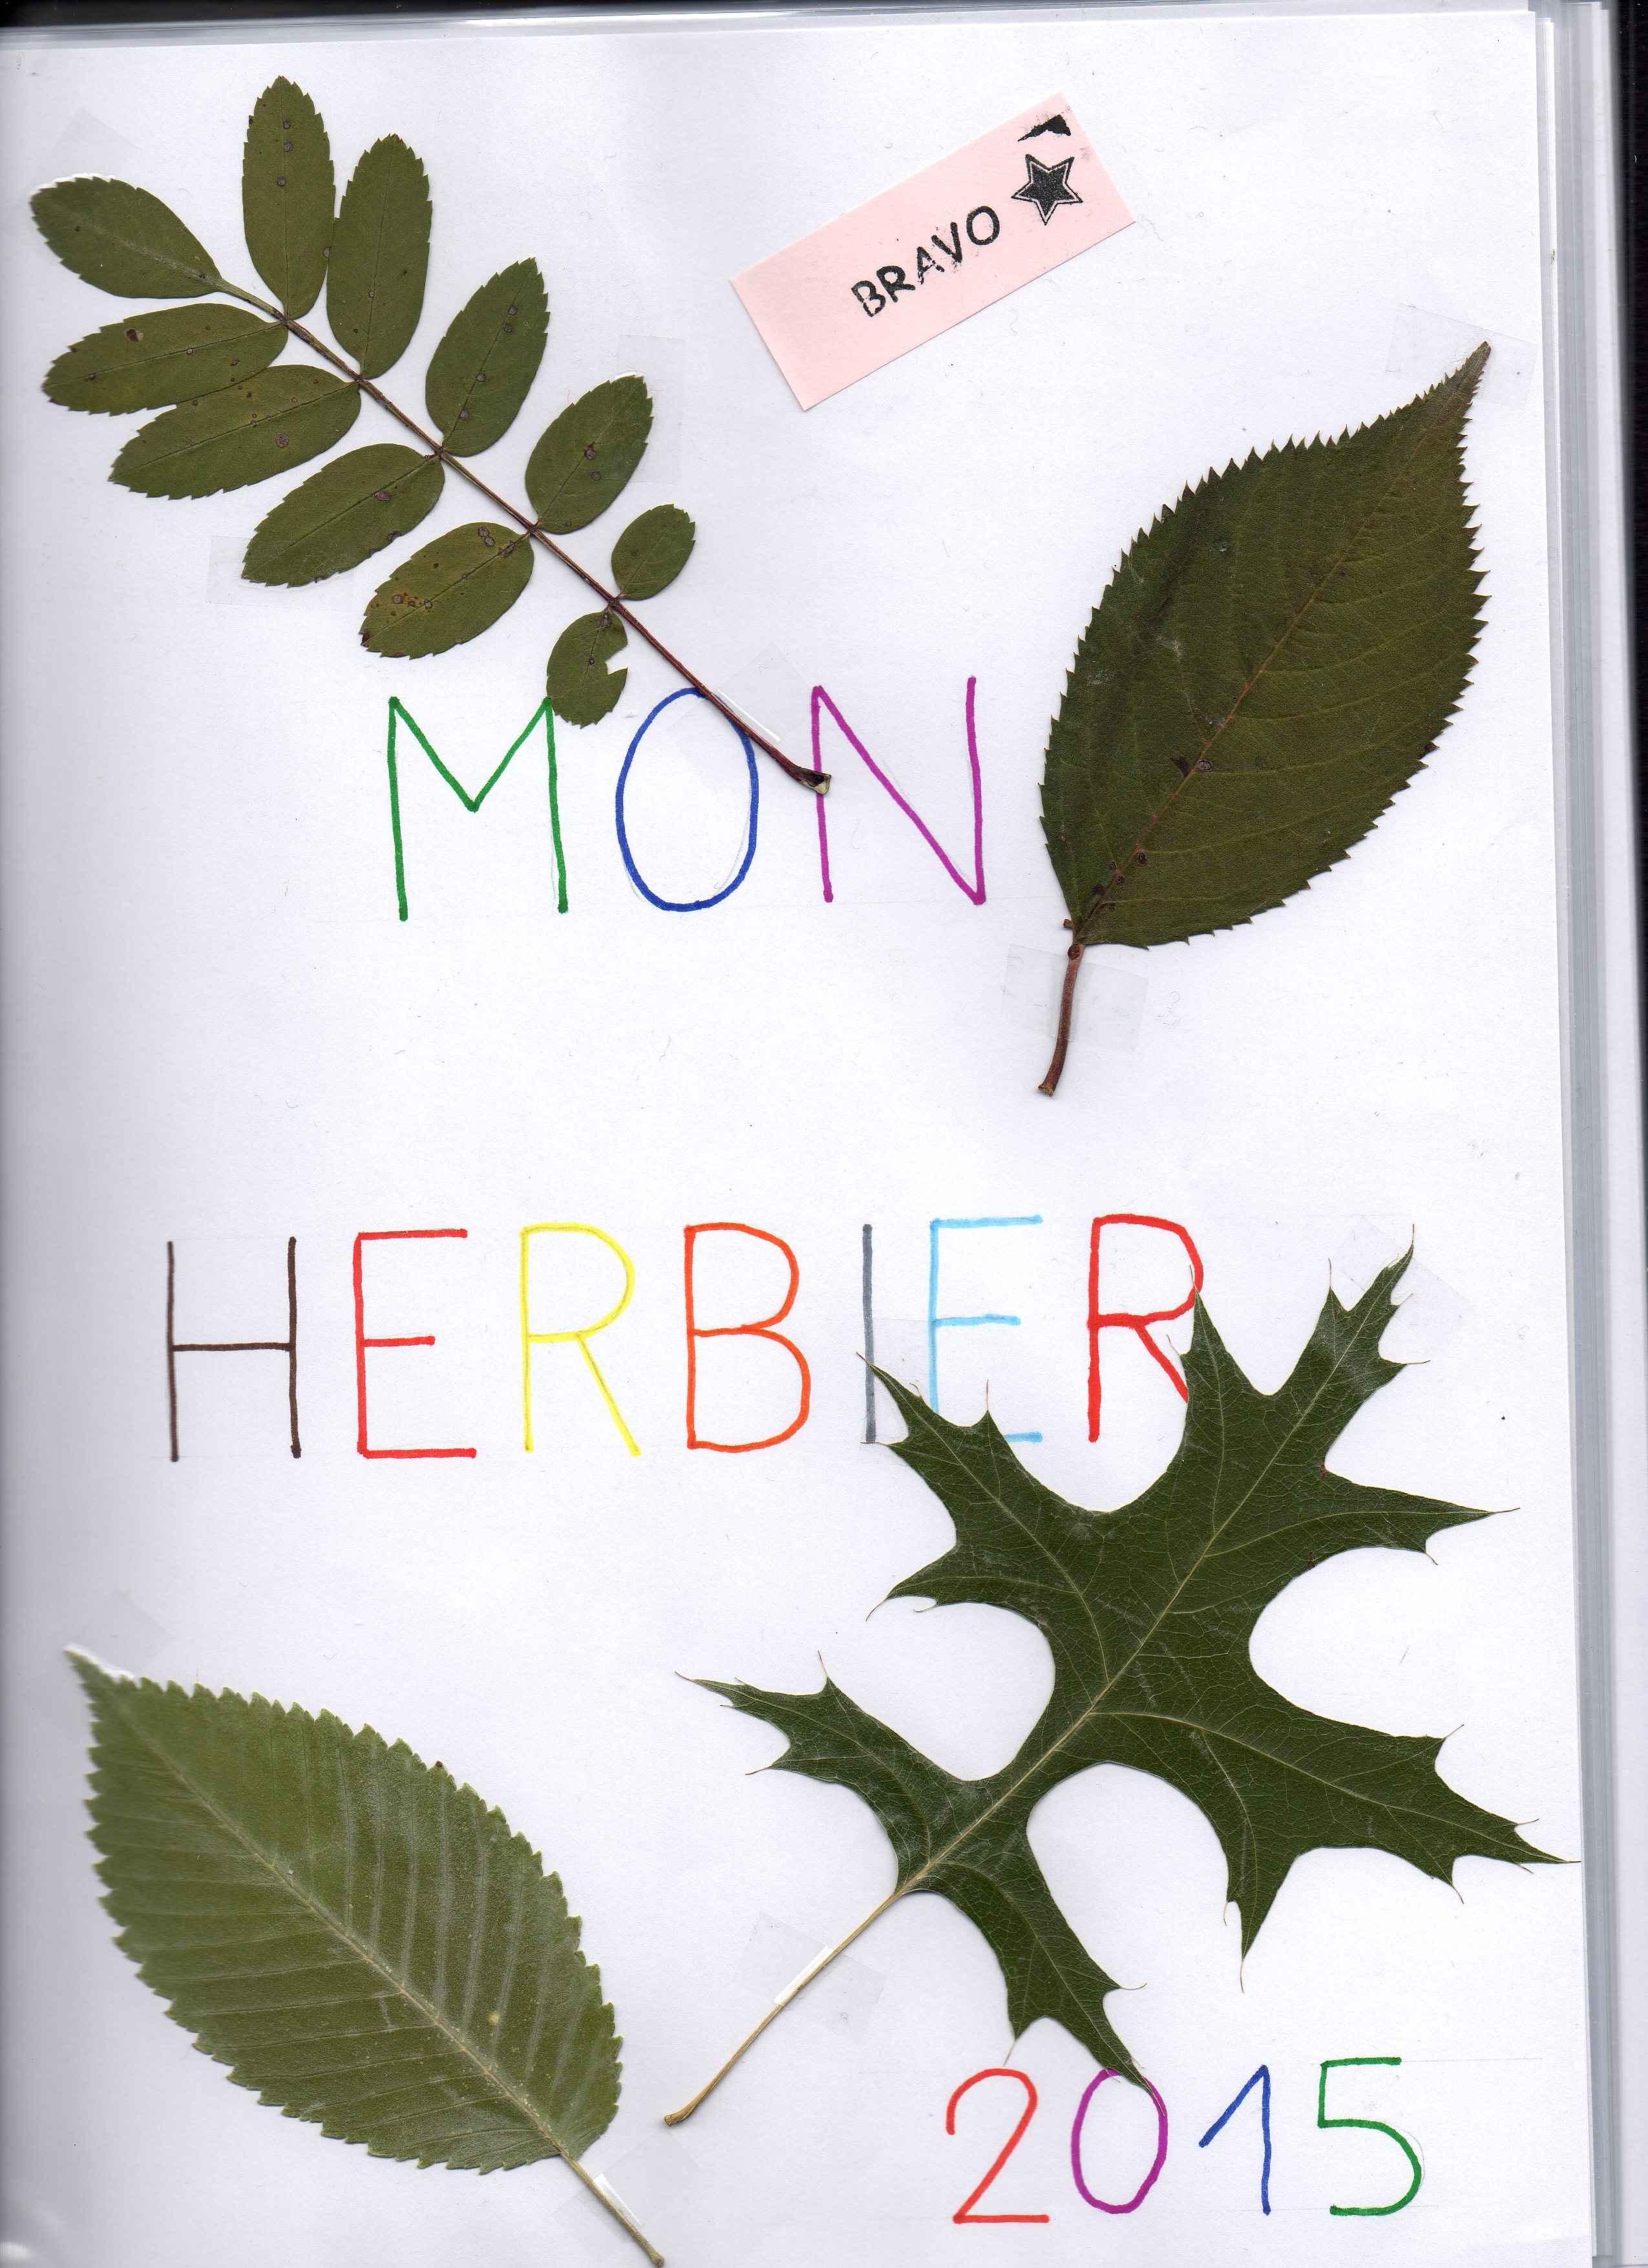 Magnifique herbier bravo estelle vive les svt les sciences de la vie et de la terre au - Faire un herbier ...